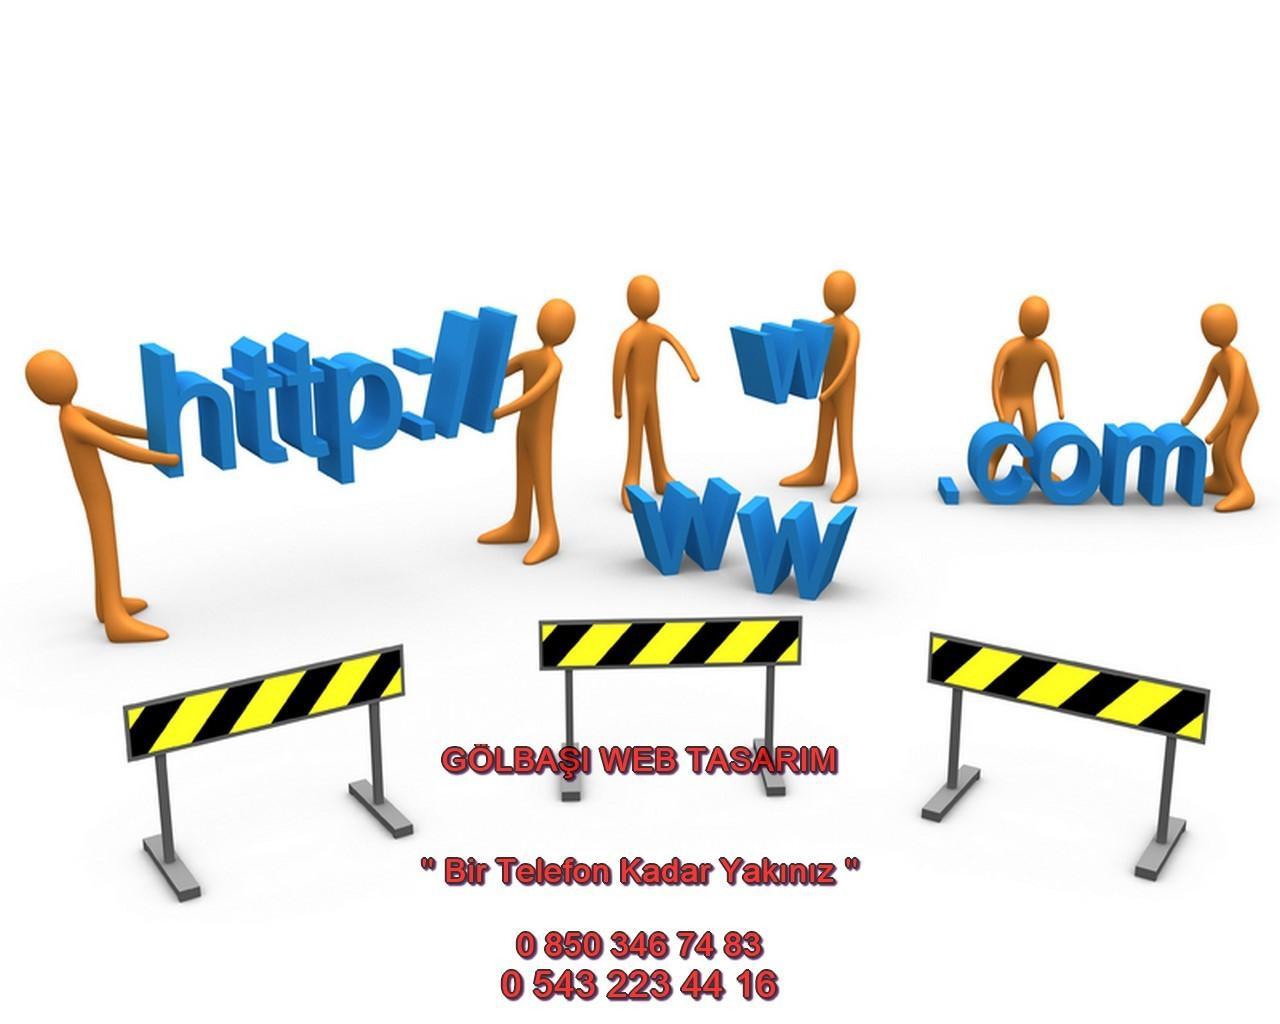 Gölbaşı Web Tasarım